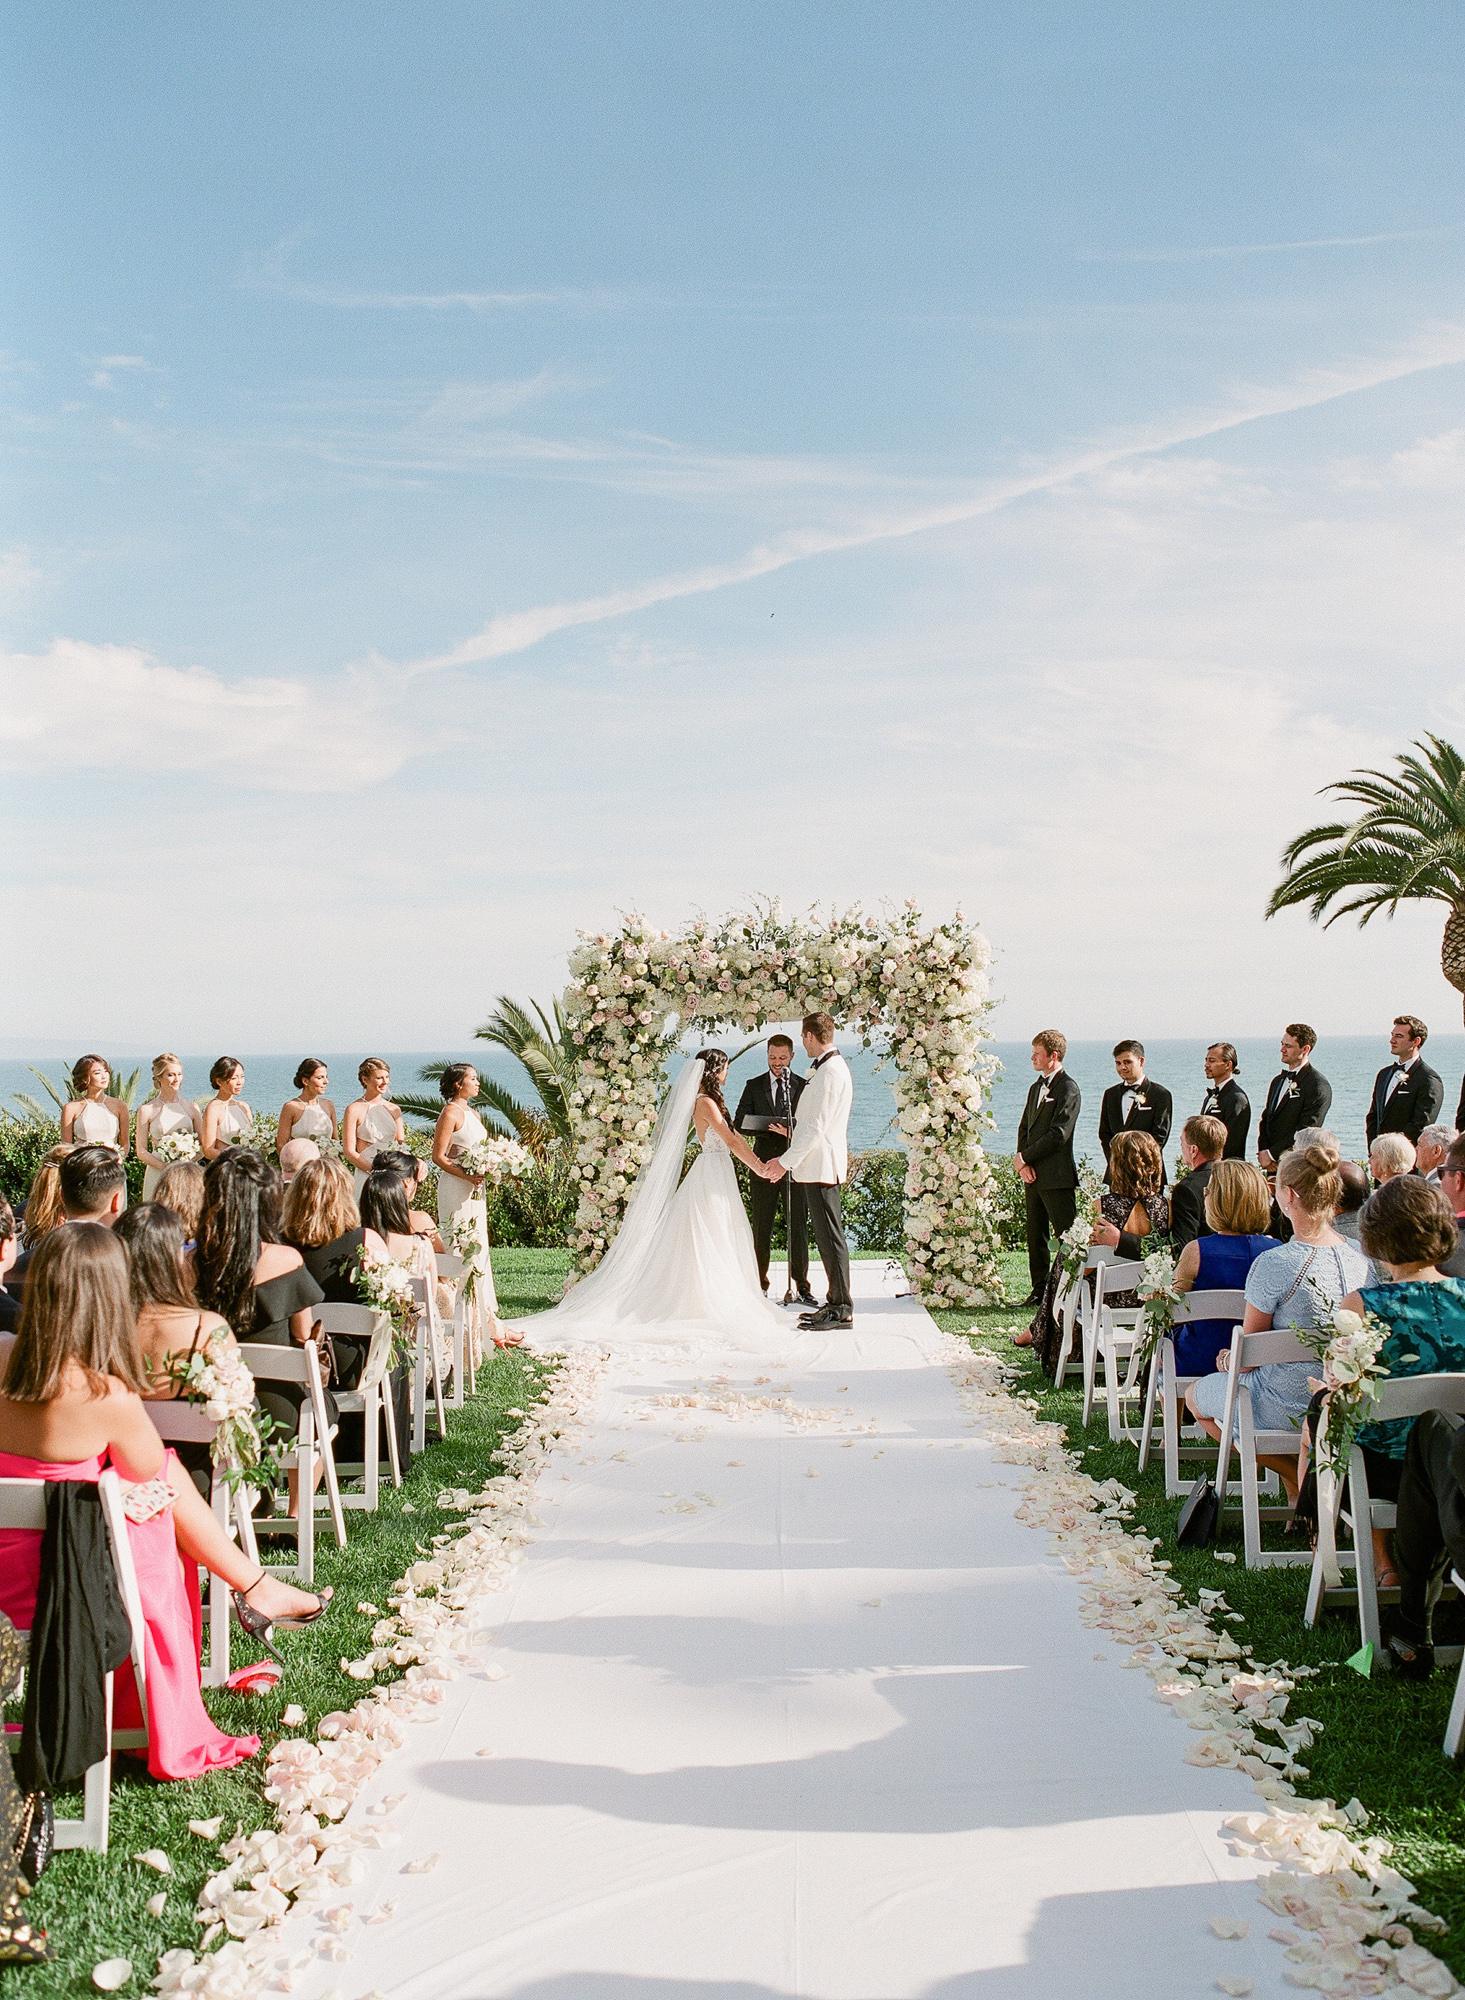 Bel-Air-Bay-Club-Wedding-Film-37.jpg